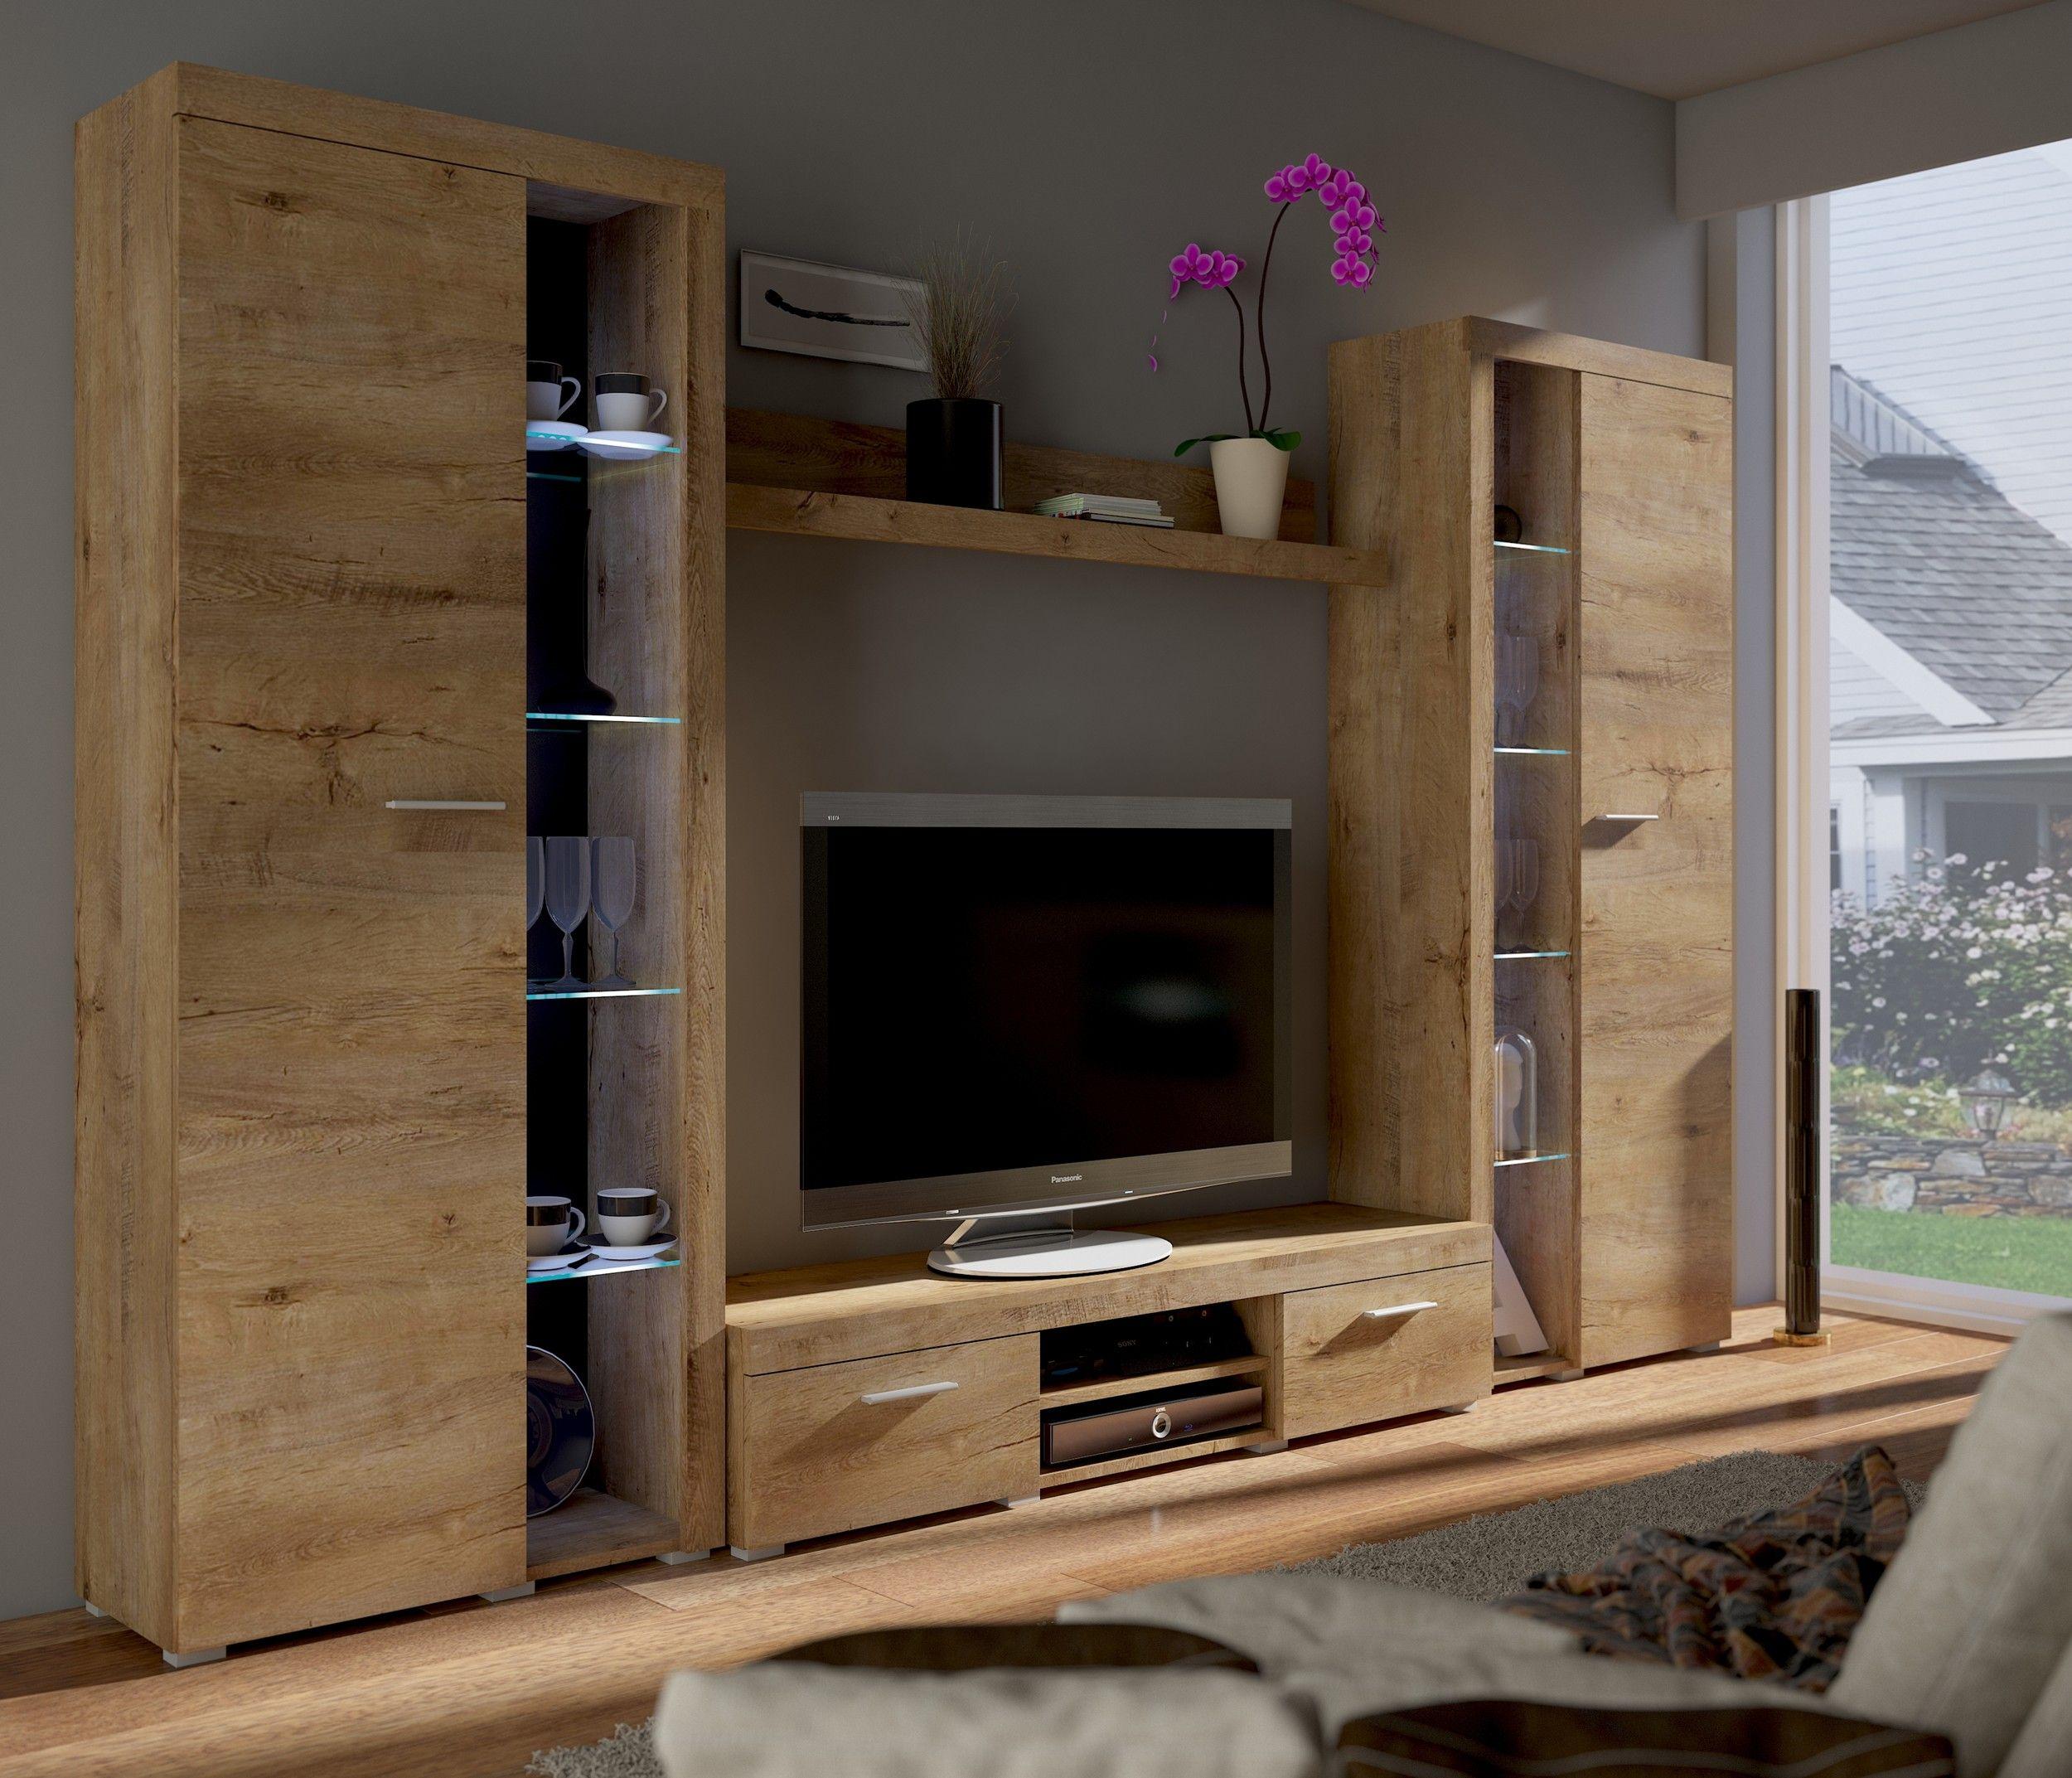 Top wohnwand rumba xl anbauwand wohnkombi wohnzimmer eiche for Wohnwand hochwertig